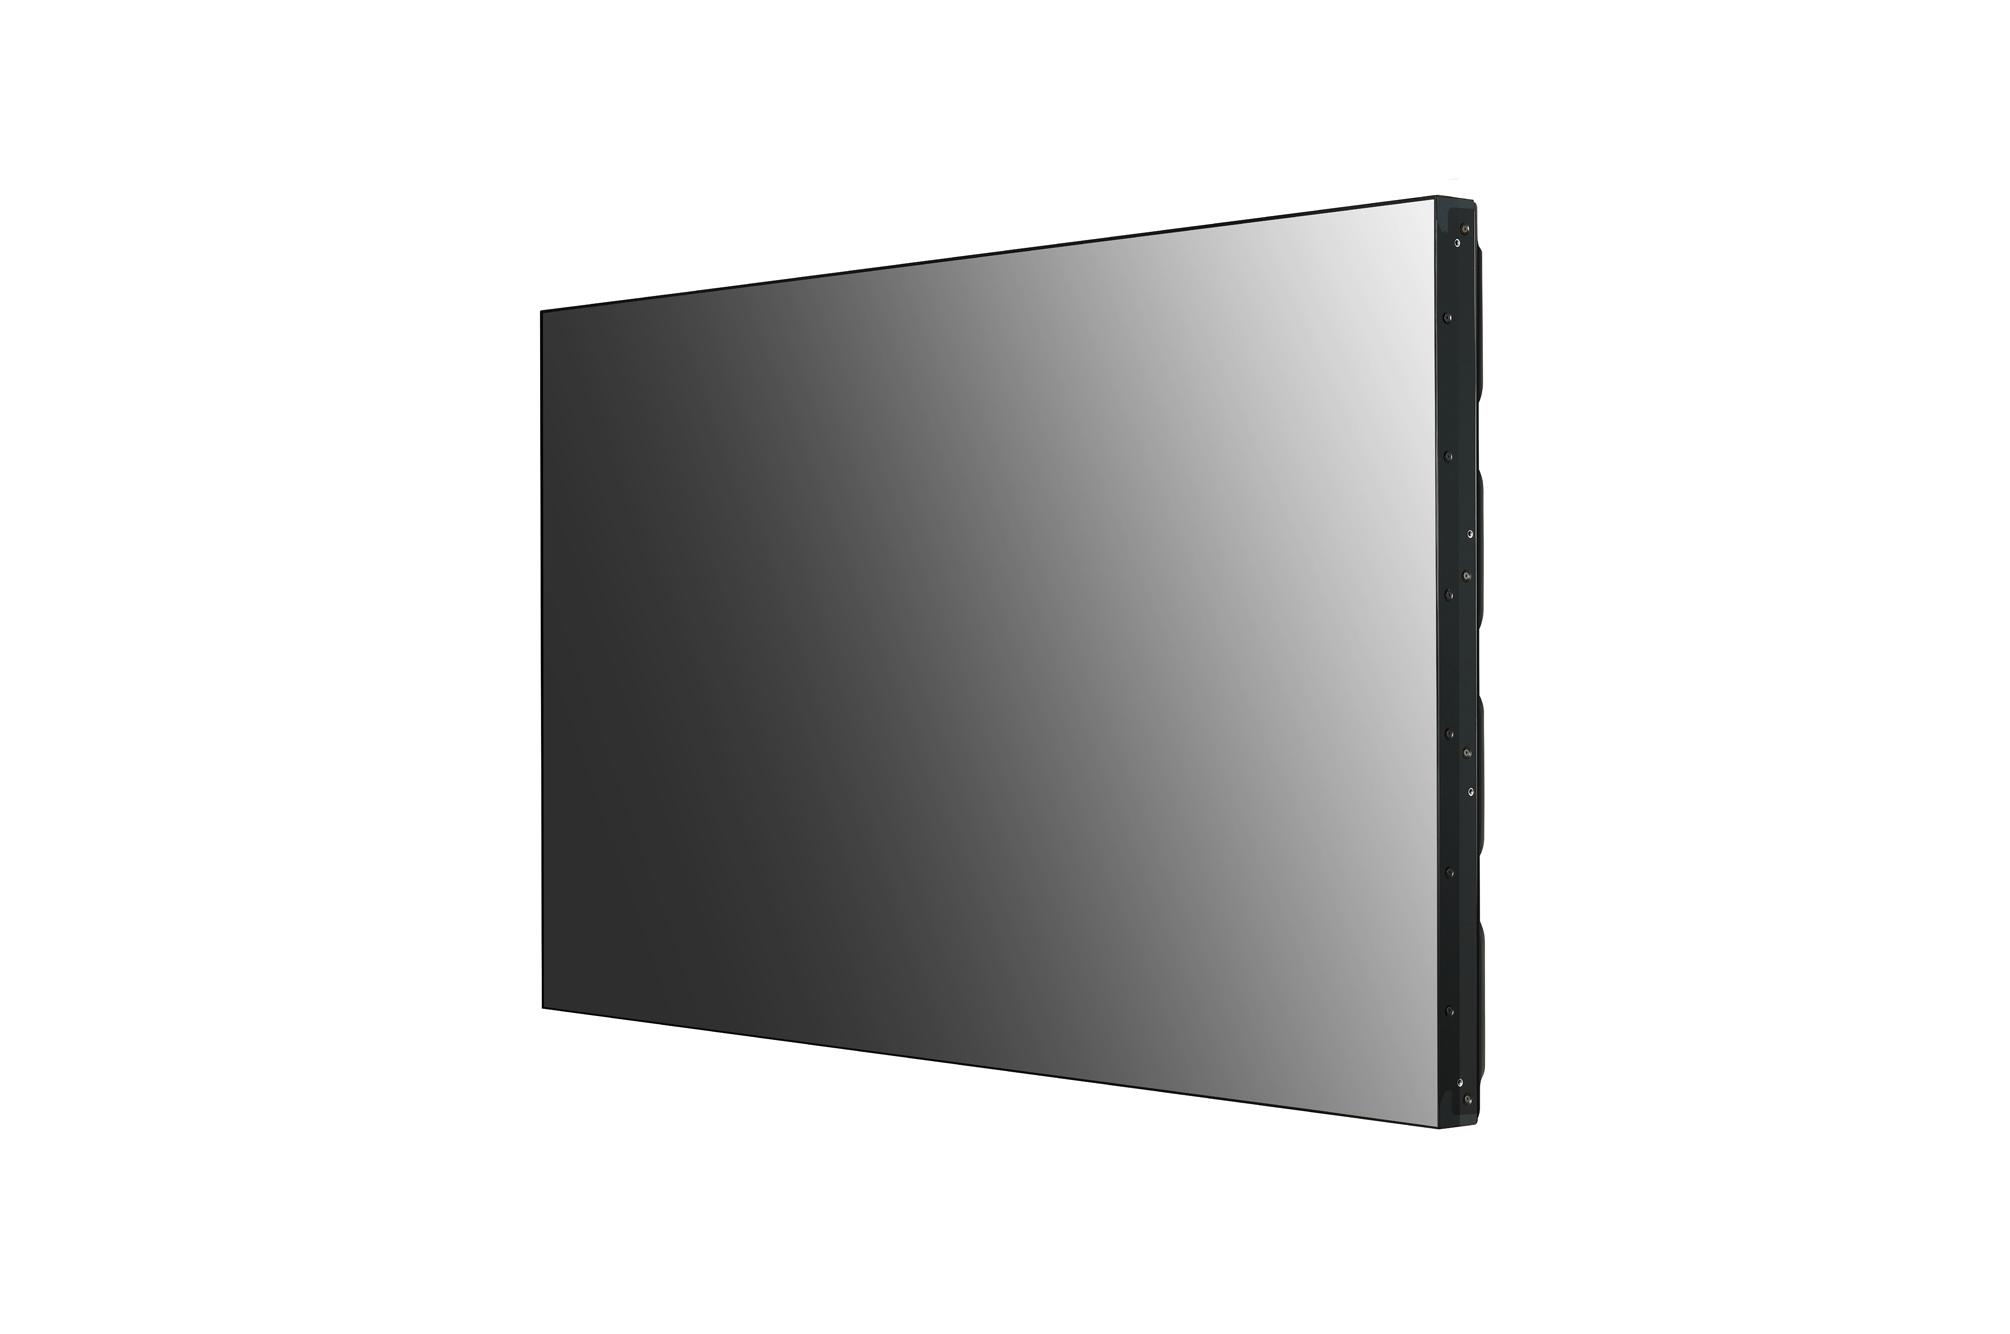 LG Video Wall 49VL5F-A 3